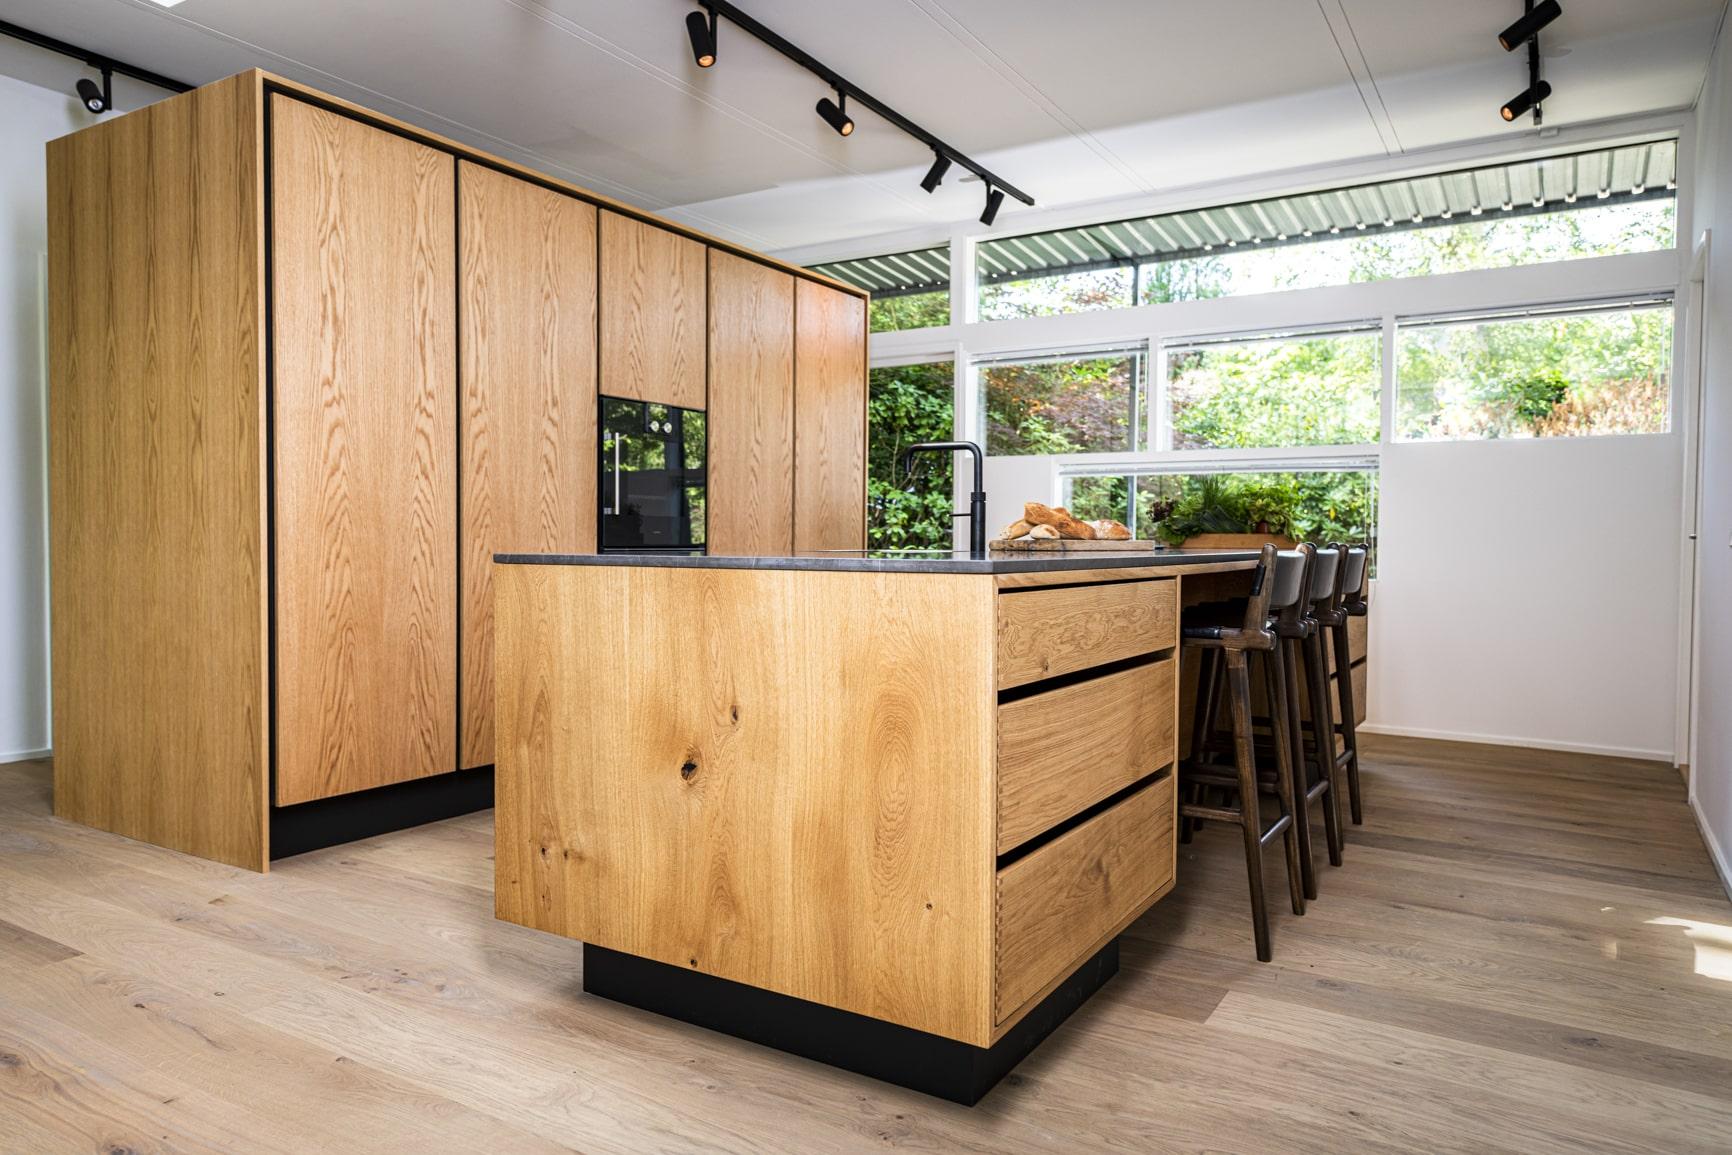 Picture of: Scharling Snedkerkokken Scharling Woodwork